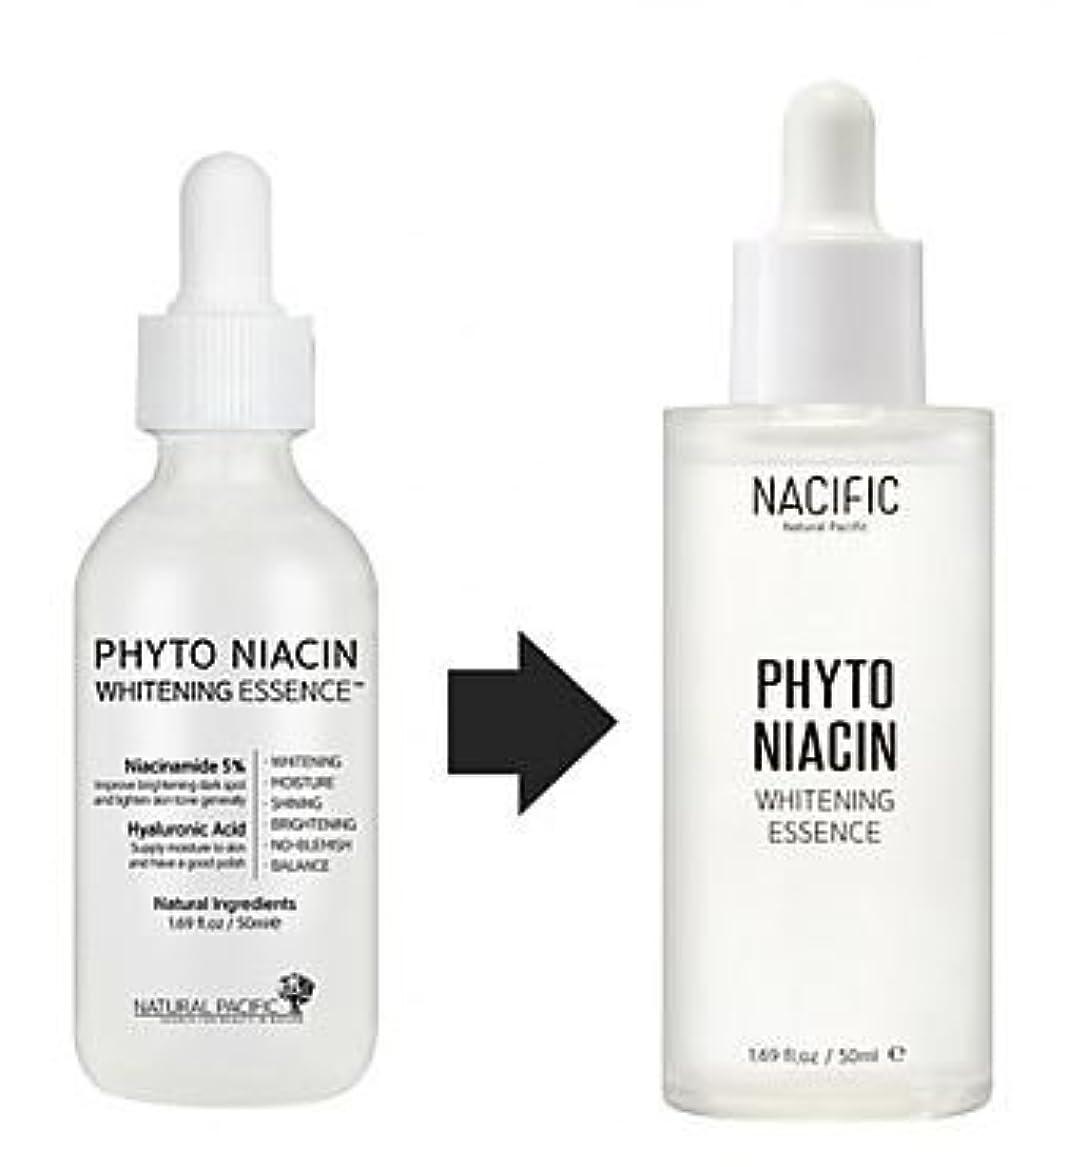 緩むスイング同時[NACIFIC]Phyto Niacin Whitening Essence 50ml/ナチュラルパシフィック フィト ナイアシン ホワイトニング エッセンス 50ml [並行輸入品]